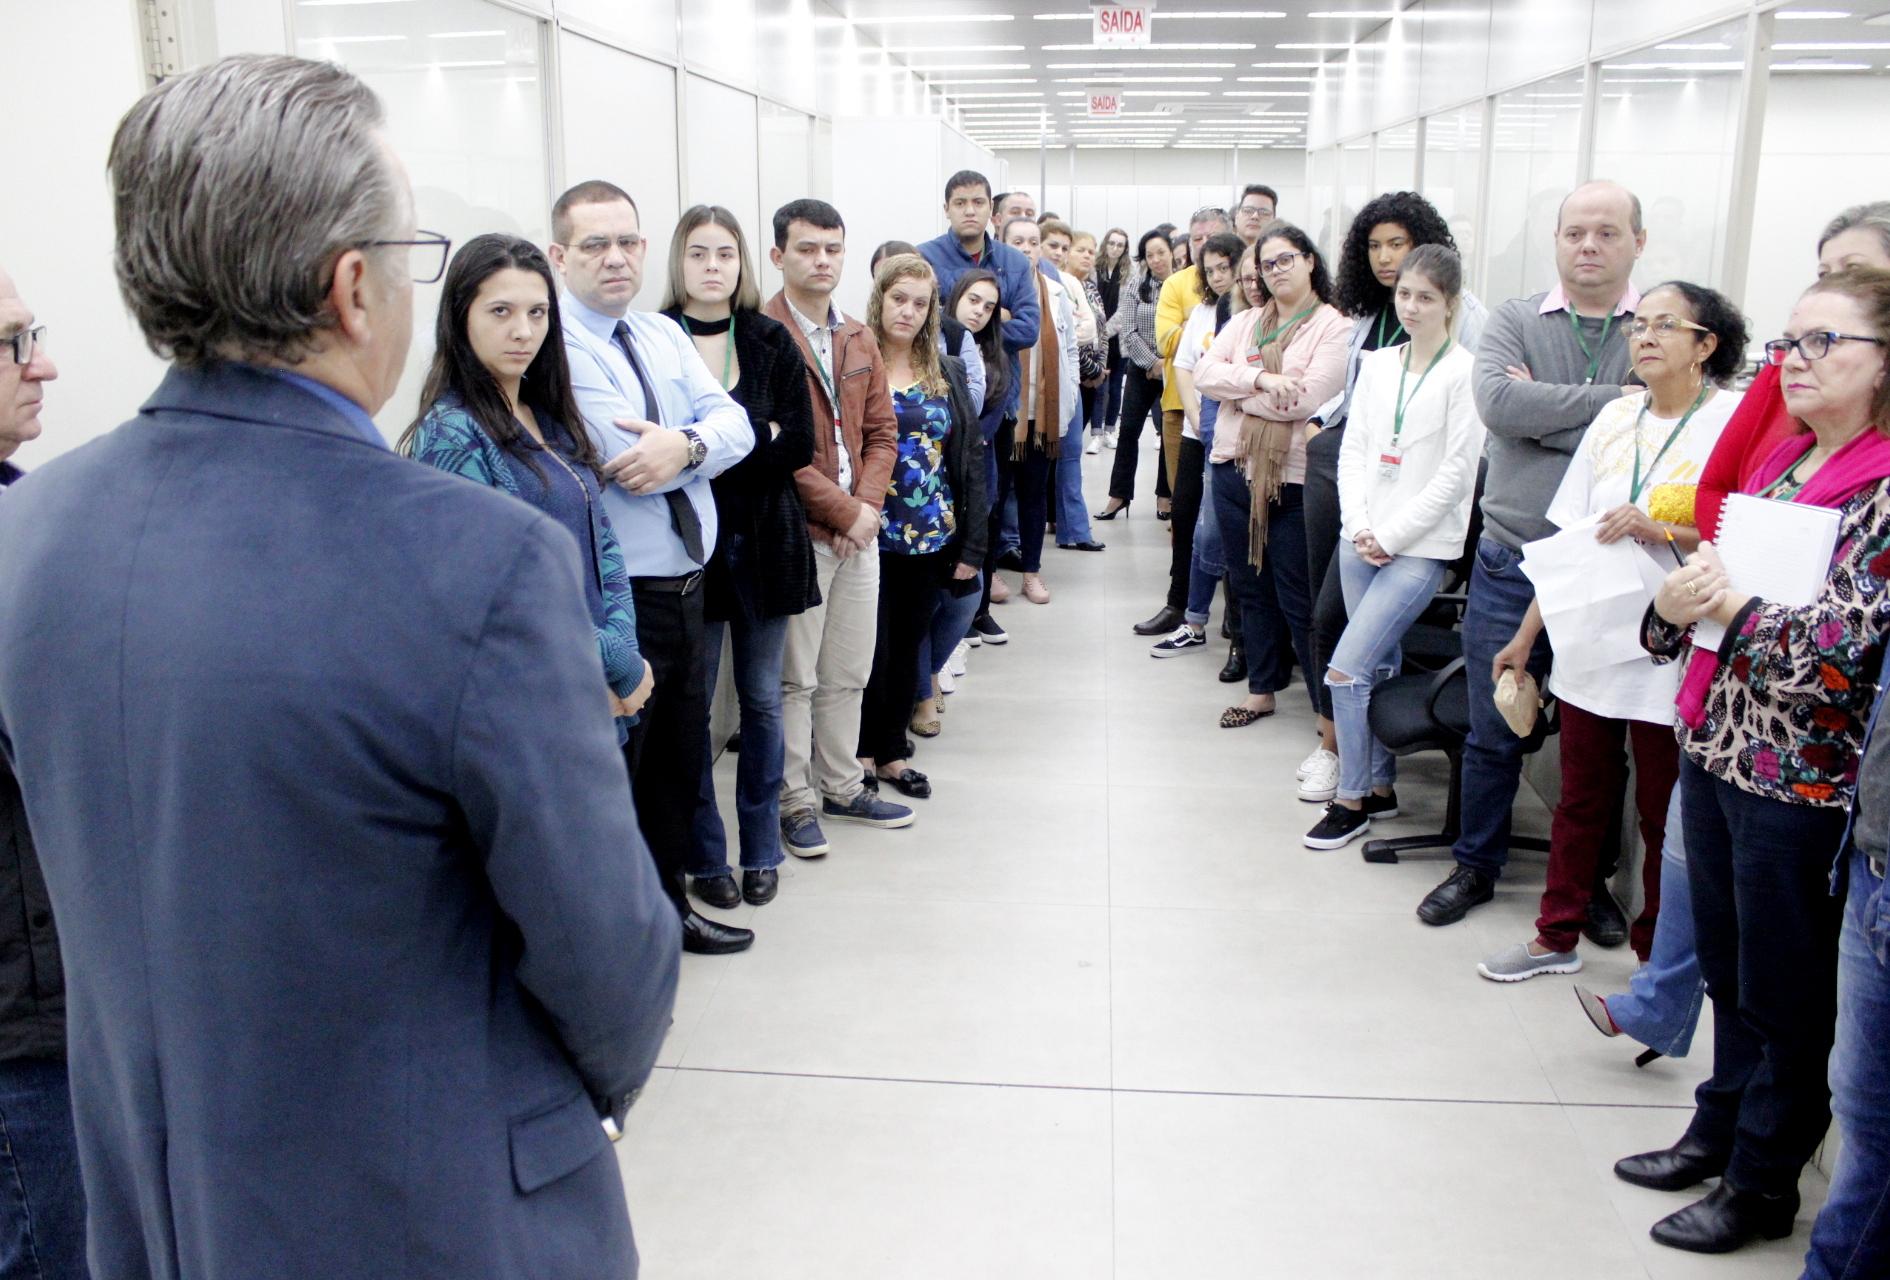 Centro de Recuperação de Dependentes Químicos Infanto-Juvenil é inaugurado